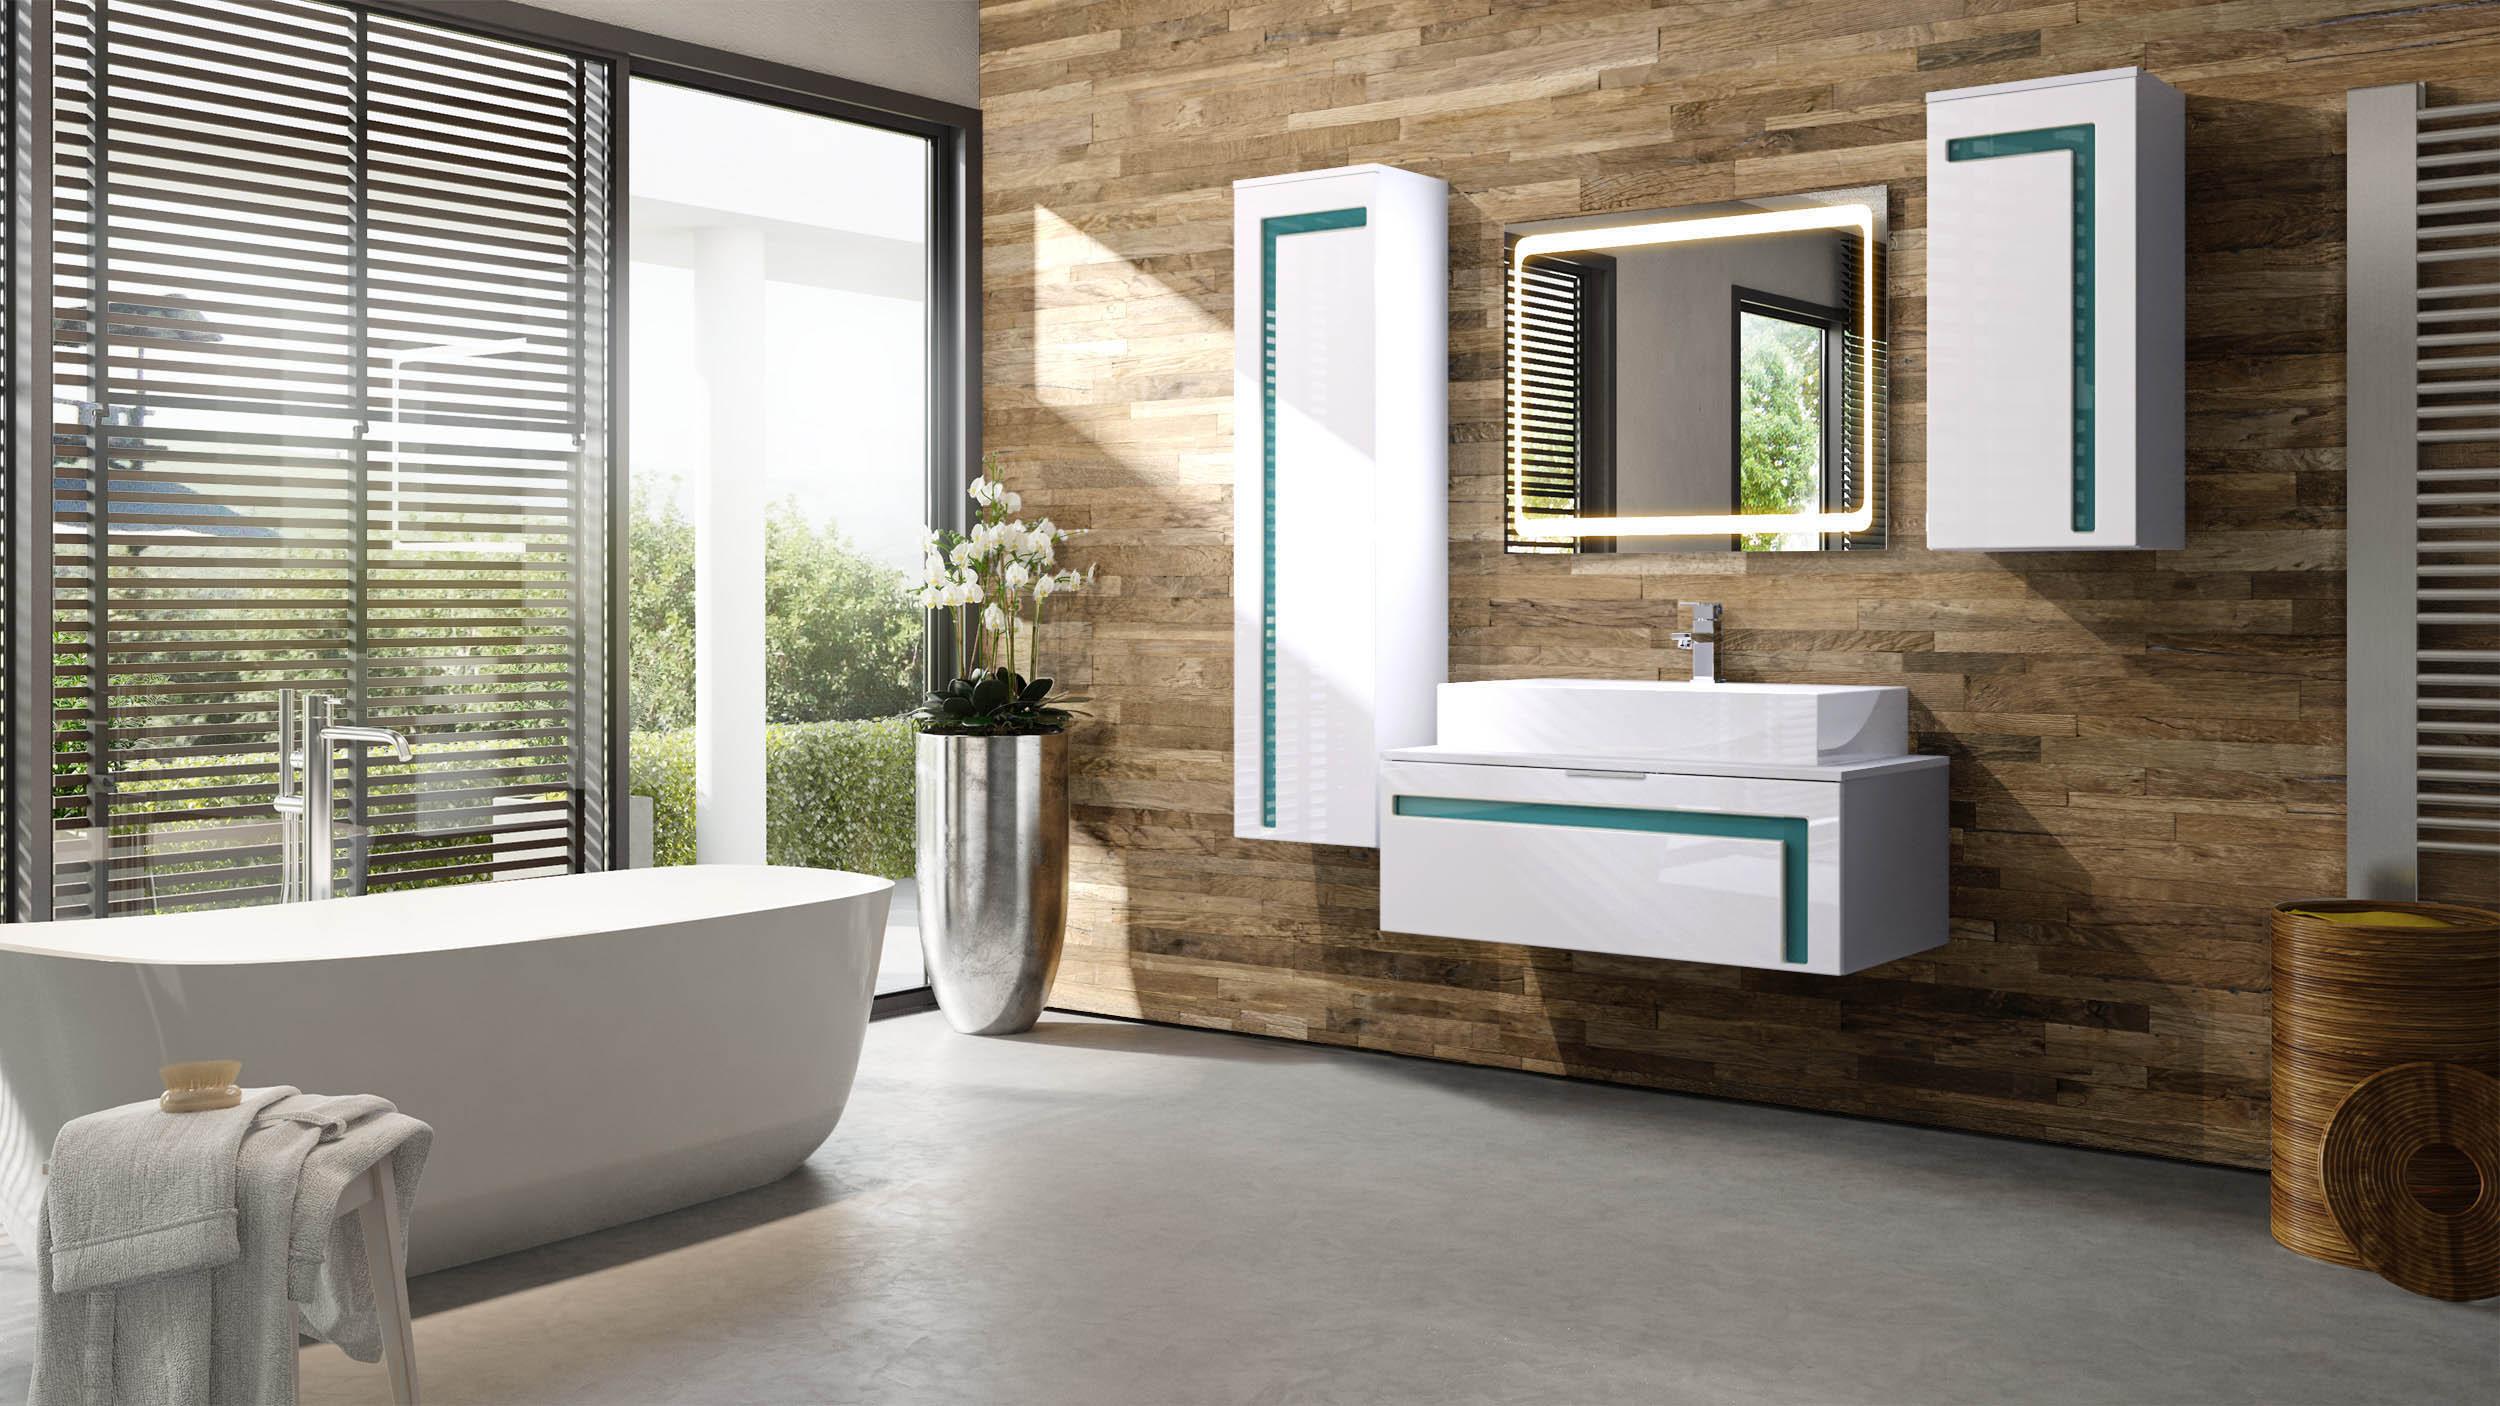 Salle de bain armoire lavabo meuble sous vasque miroir led - Meuble salle de bain sous lavabo ...